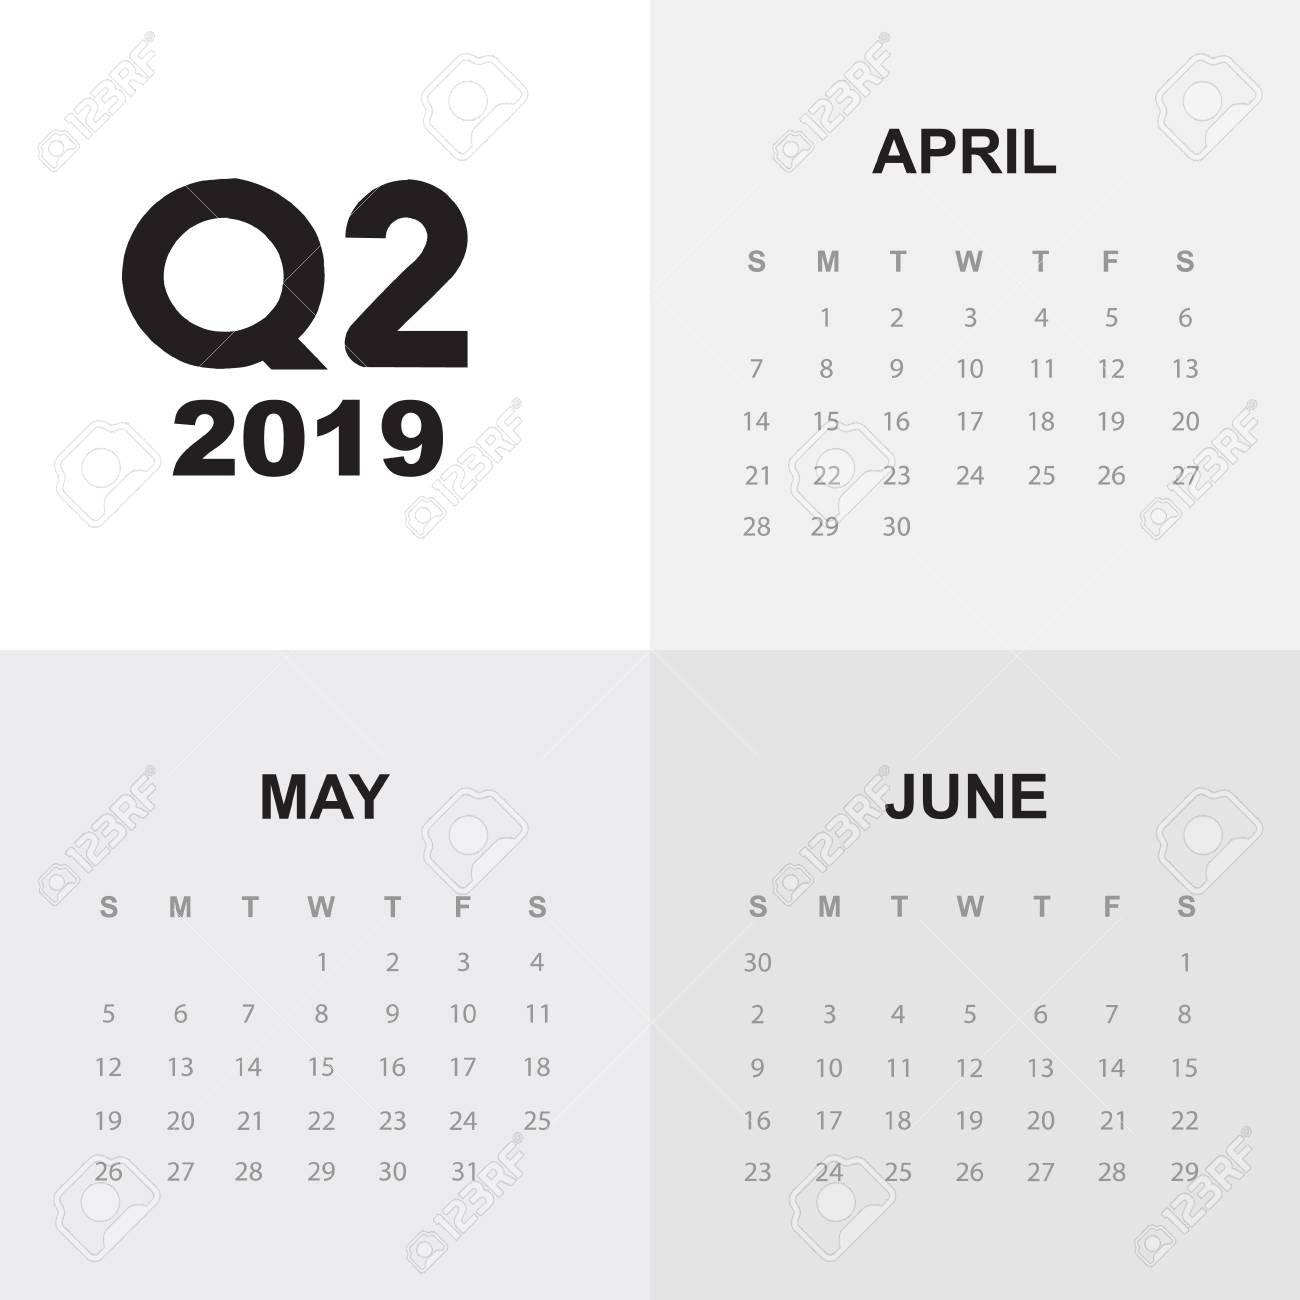 Second Quarter Of Calendar 2019 Royalty Free Cliparts, Vectors, And 2/2019 Calendar